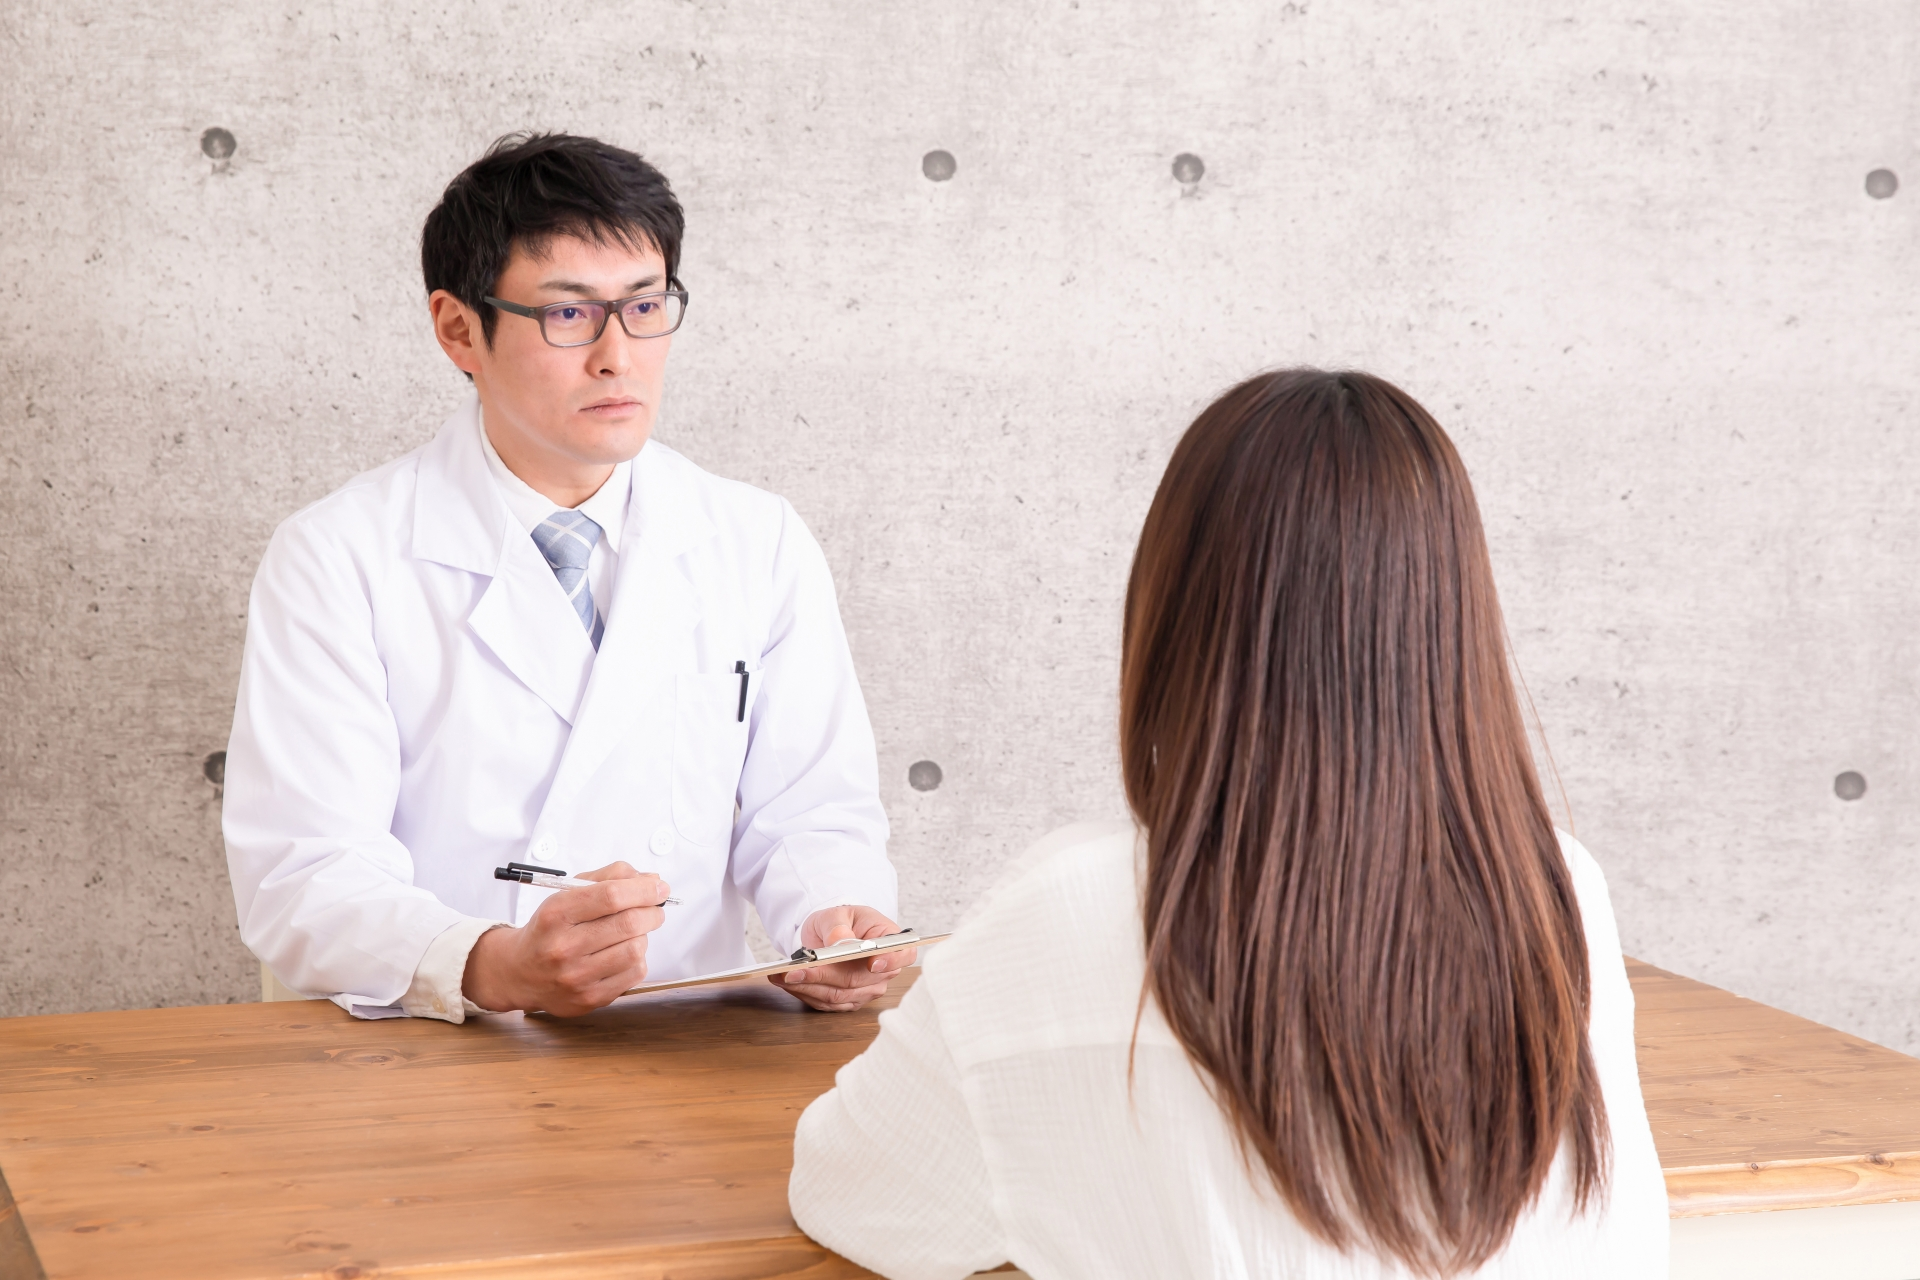 医師になりたい 外科医 キャリア ジーネット株式会社